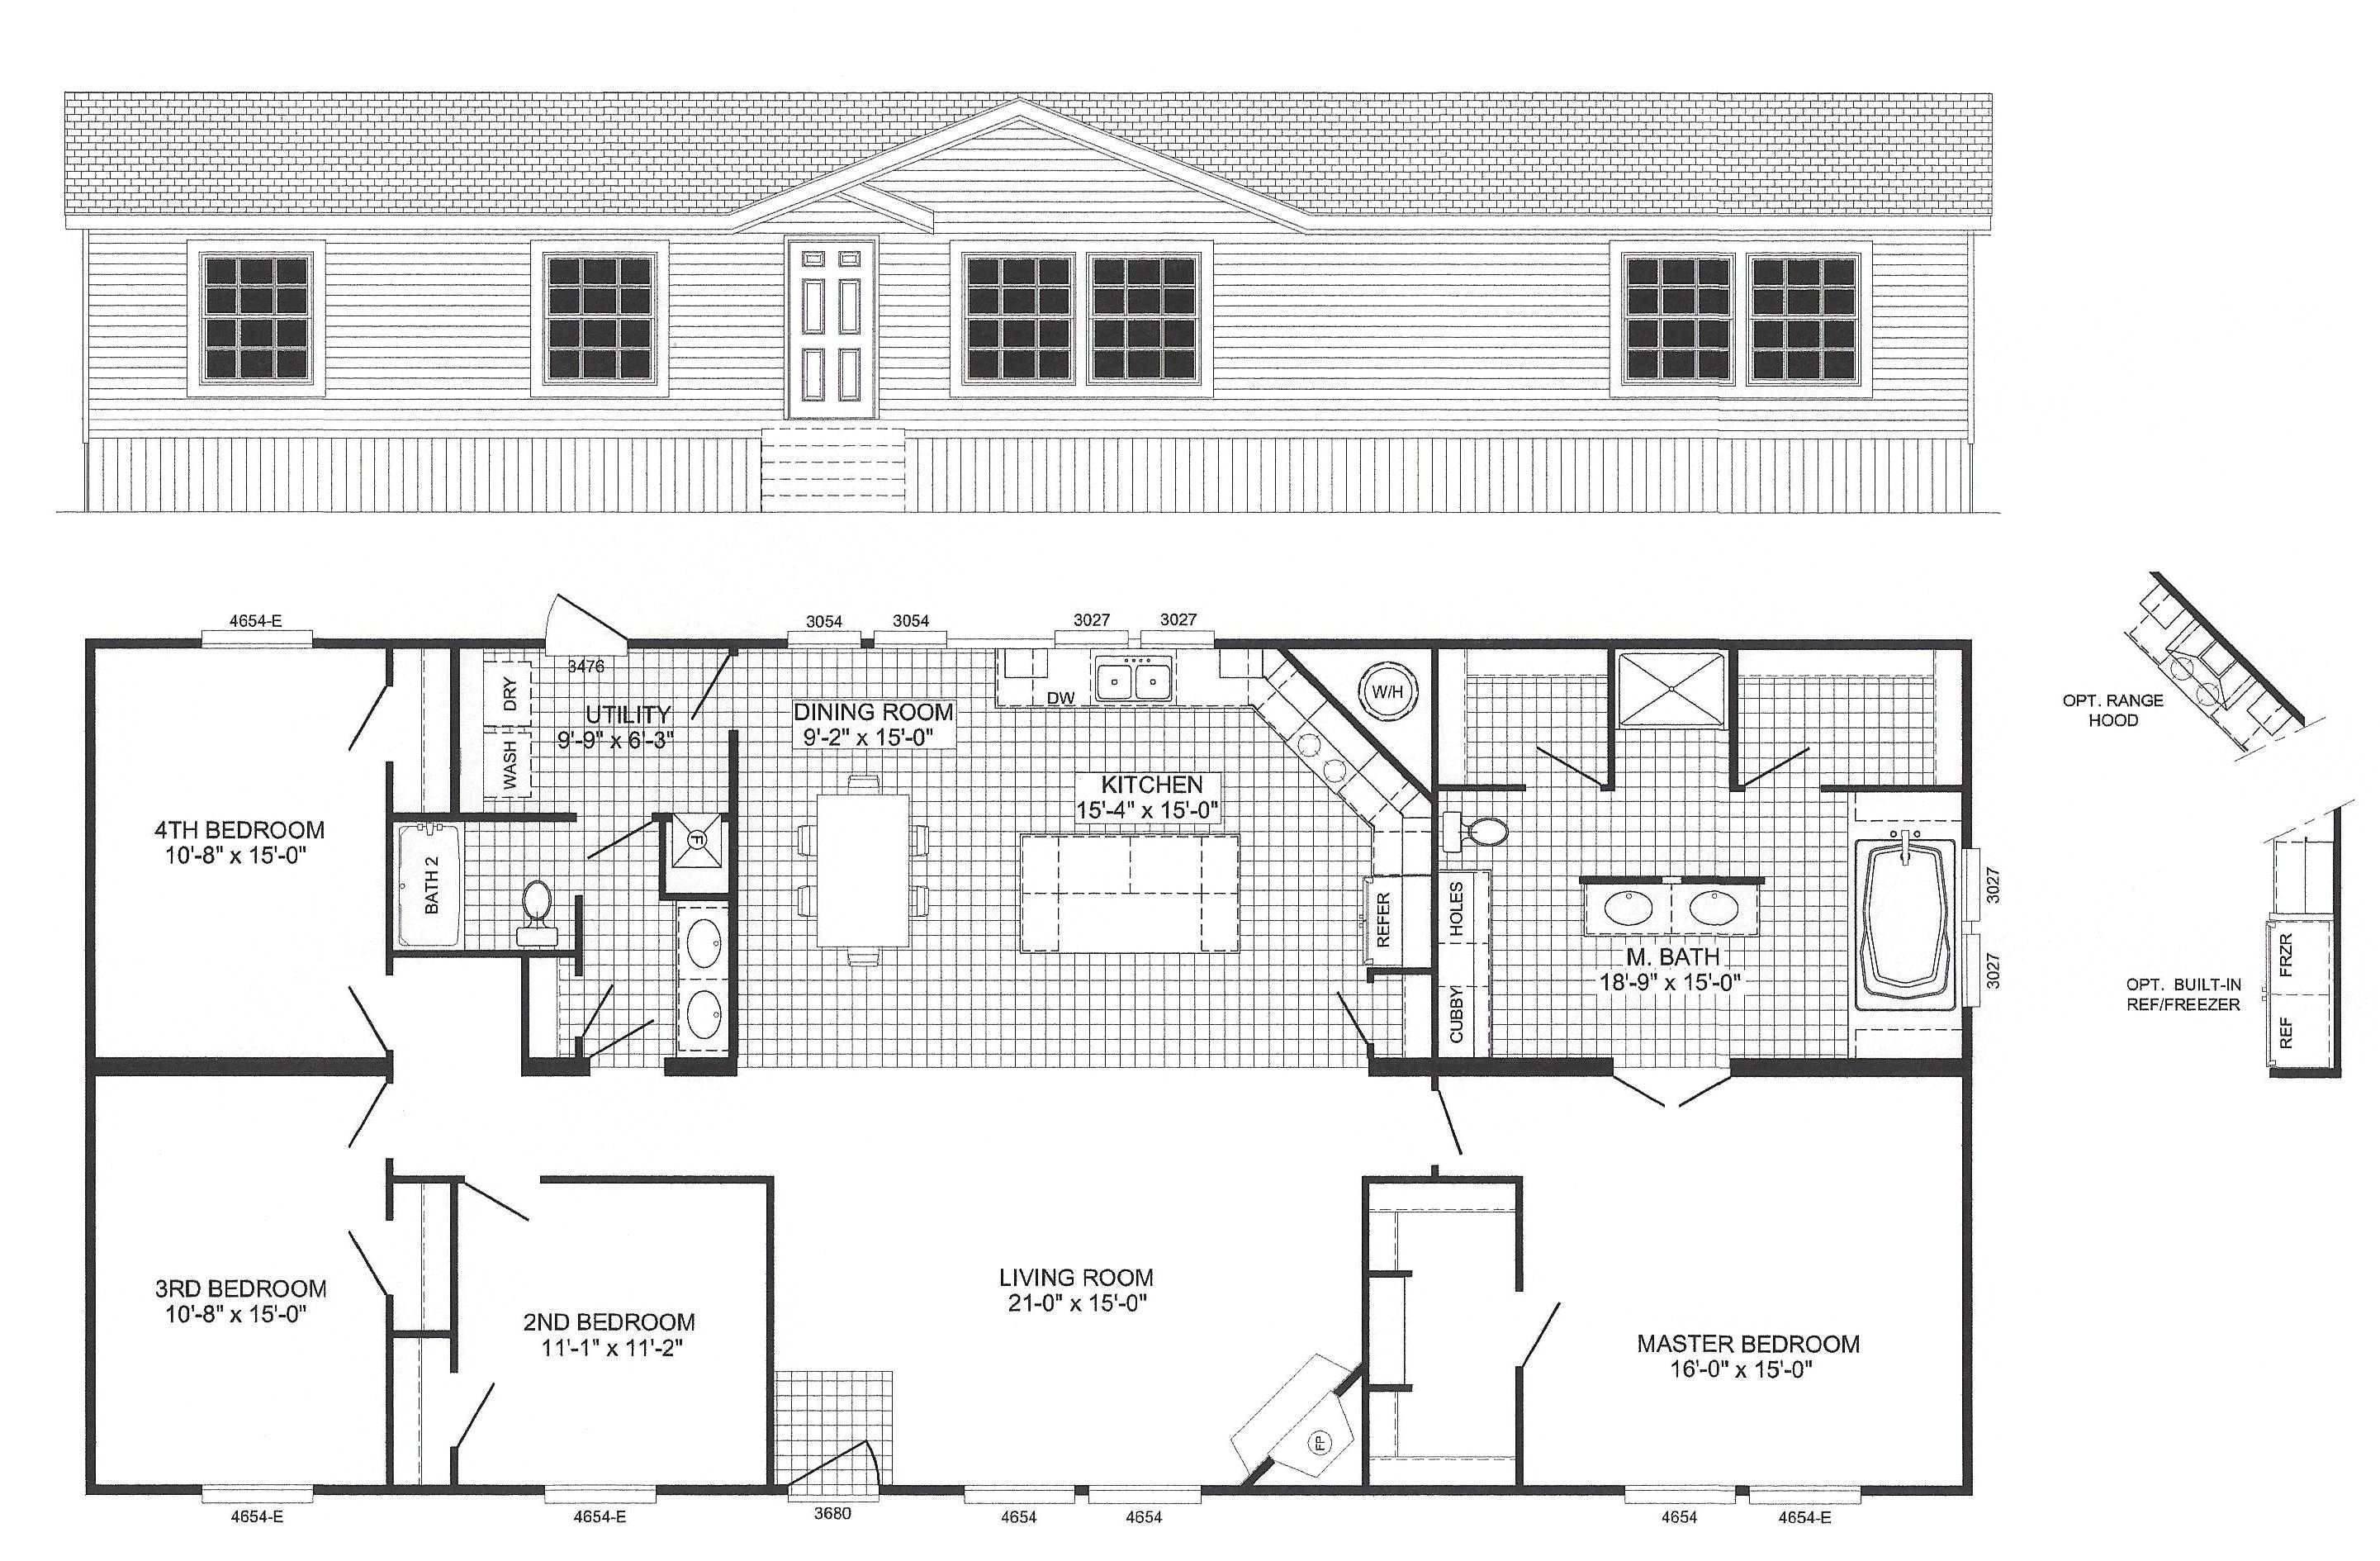 6 Bedroom Modular Home Floor Plans 6 Bedroom Modular Homes ...